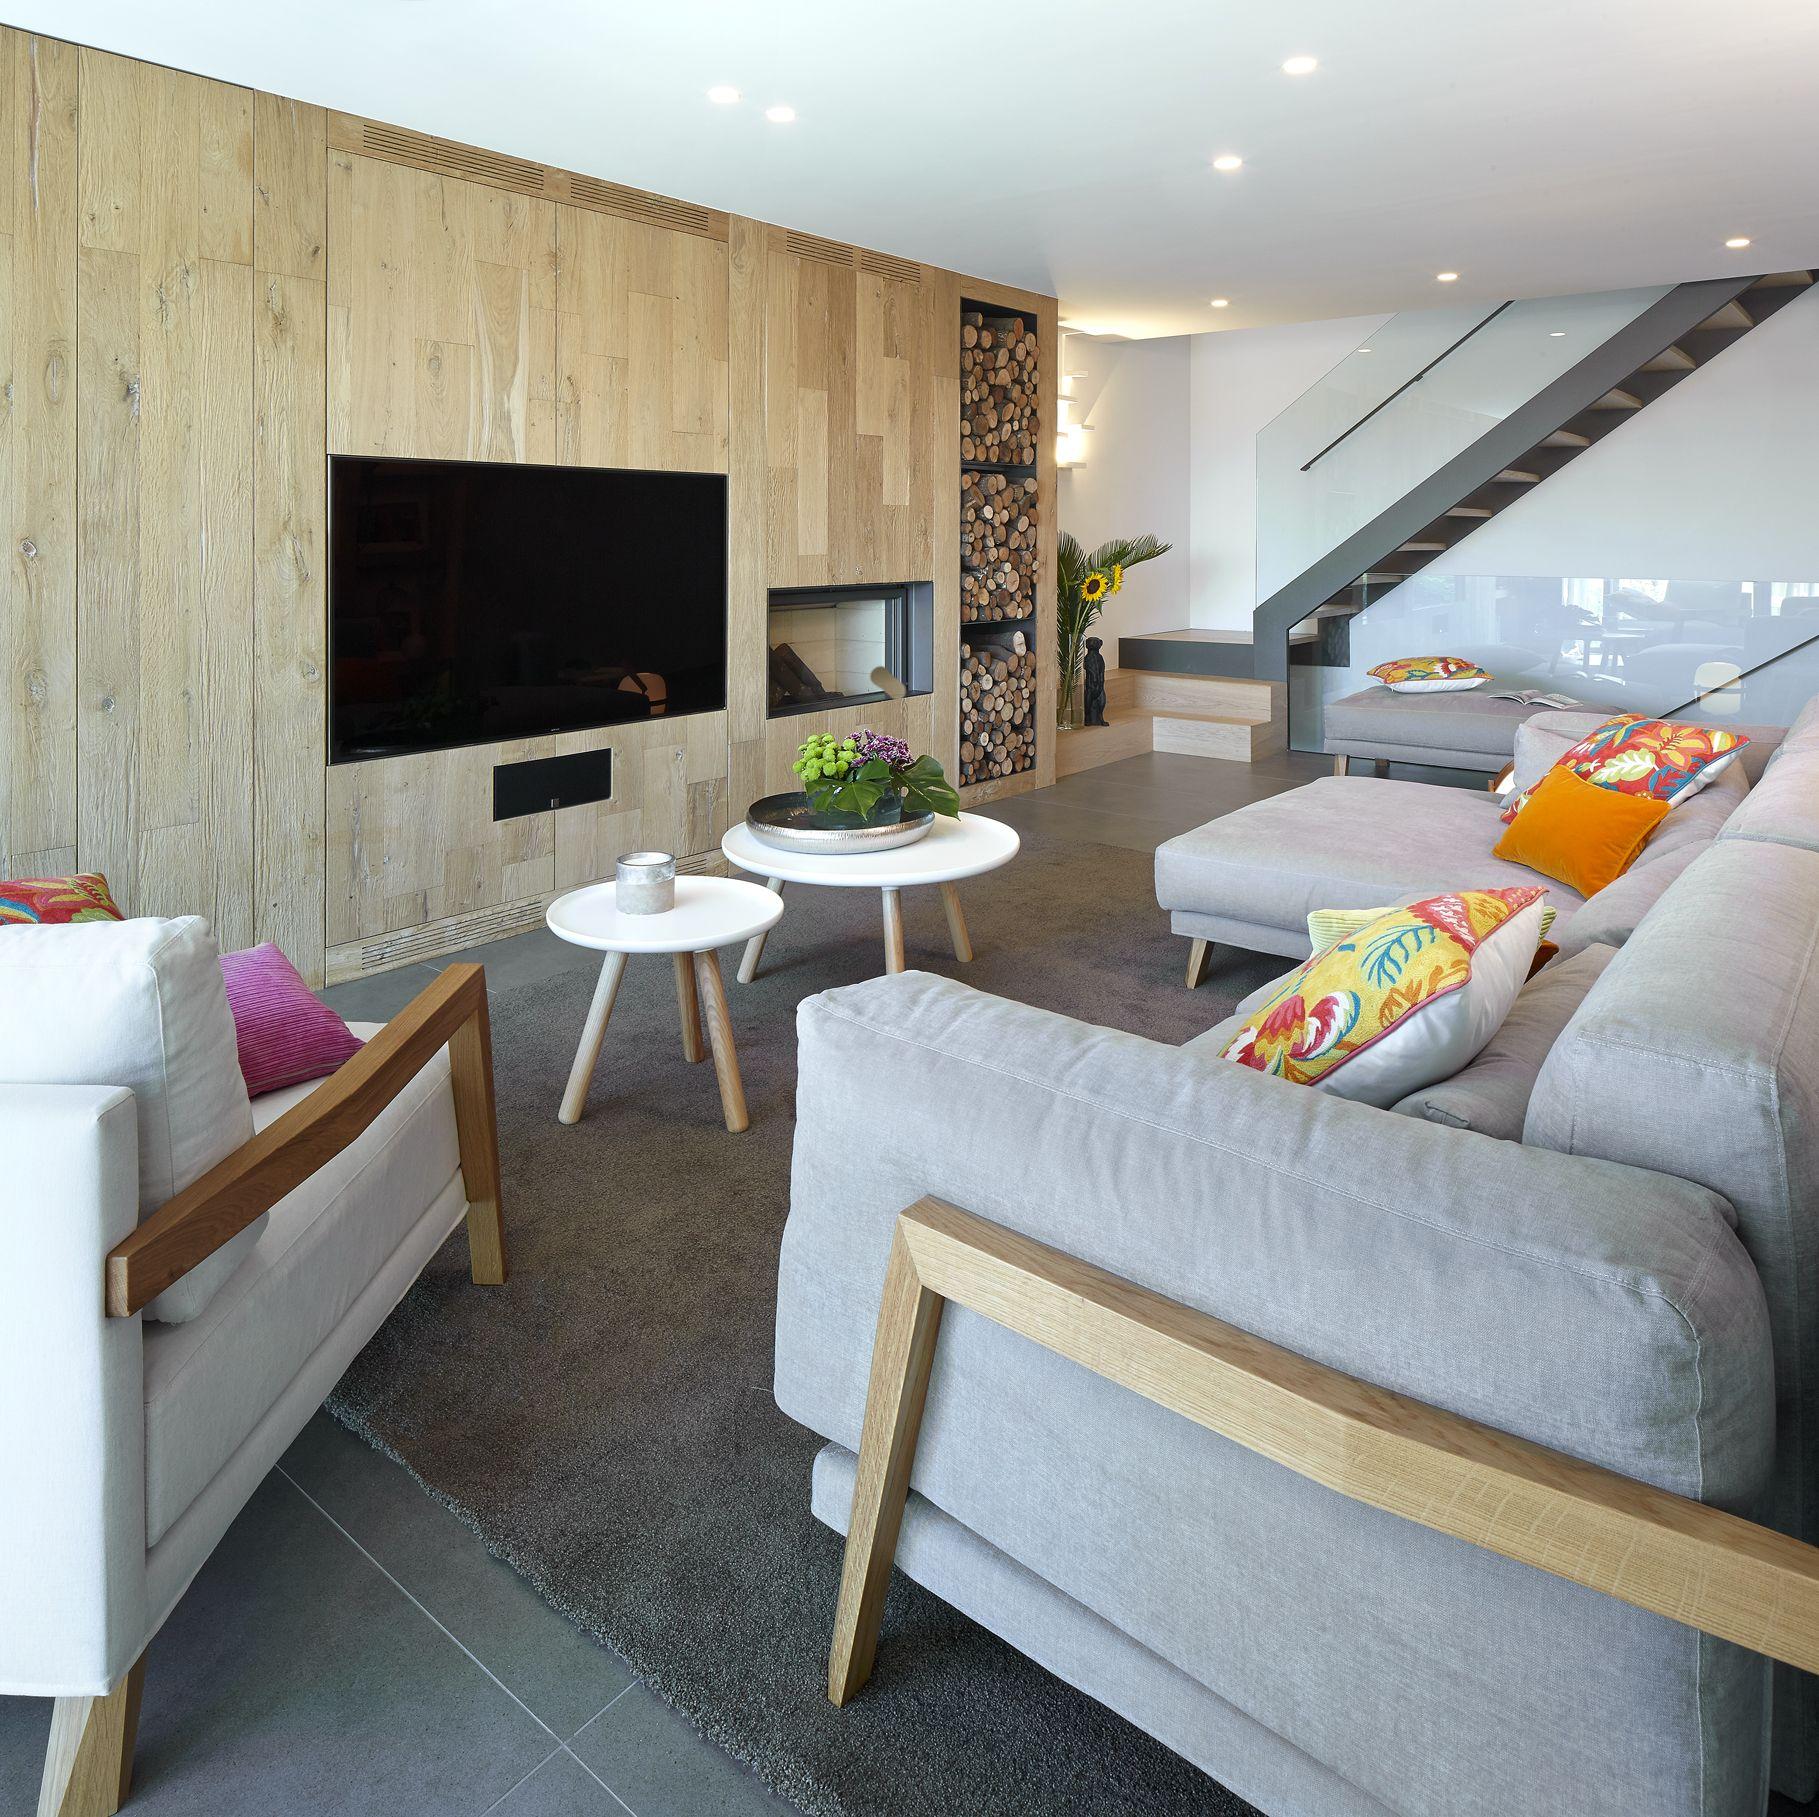 molins interiors arquitectura interior interiorismo decoracin saln living room - Interiorismo Salones